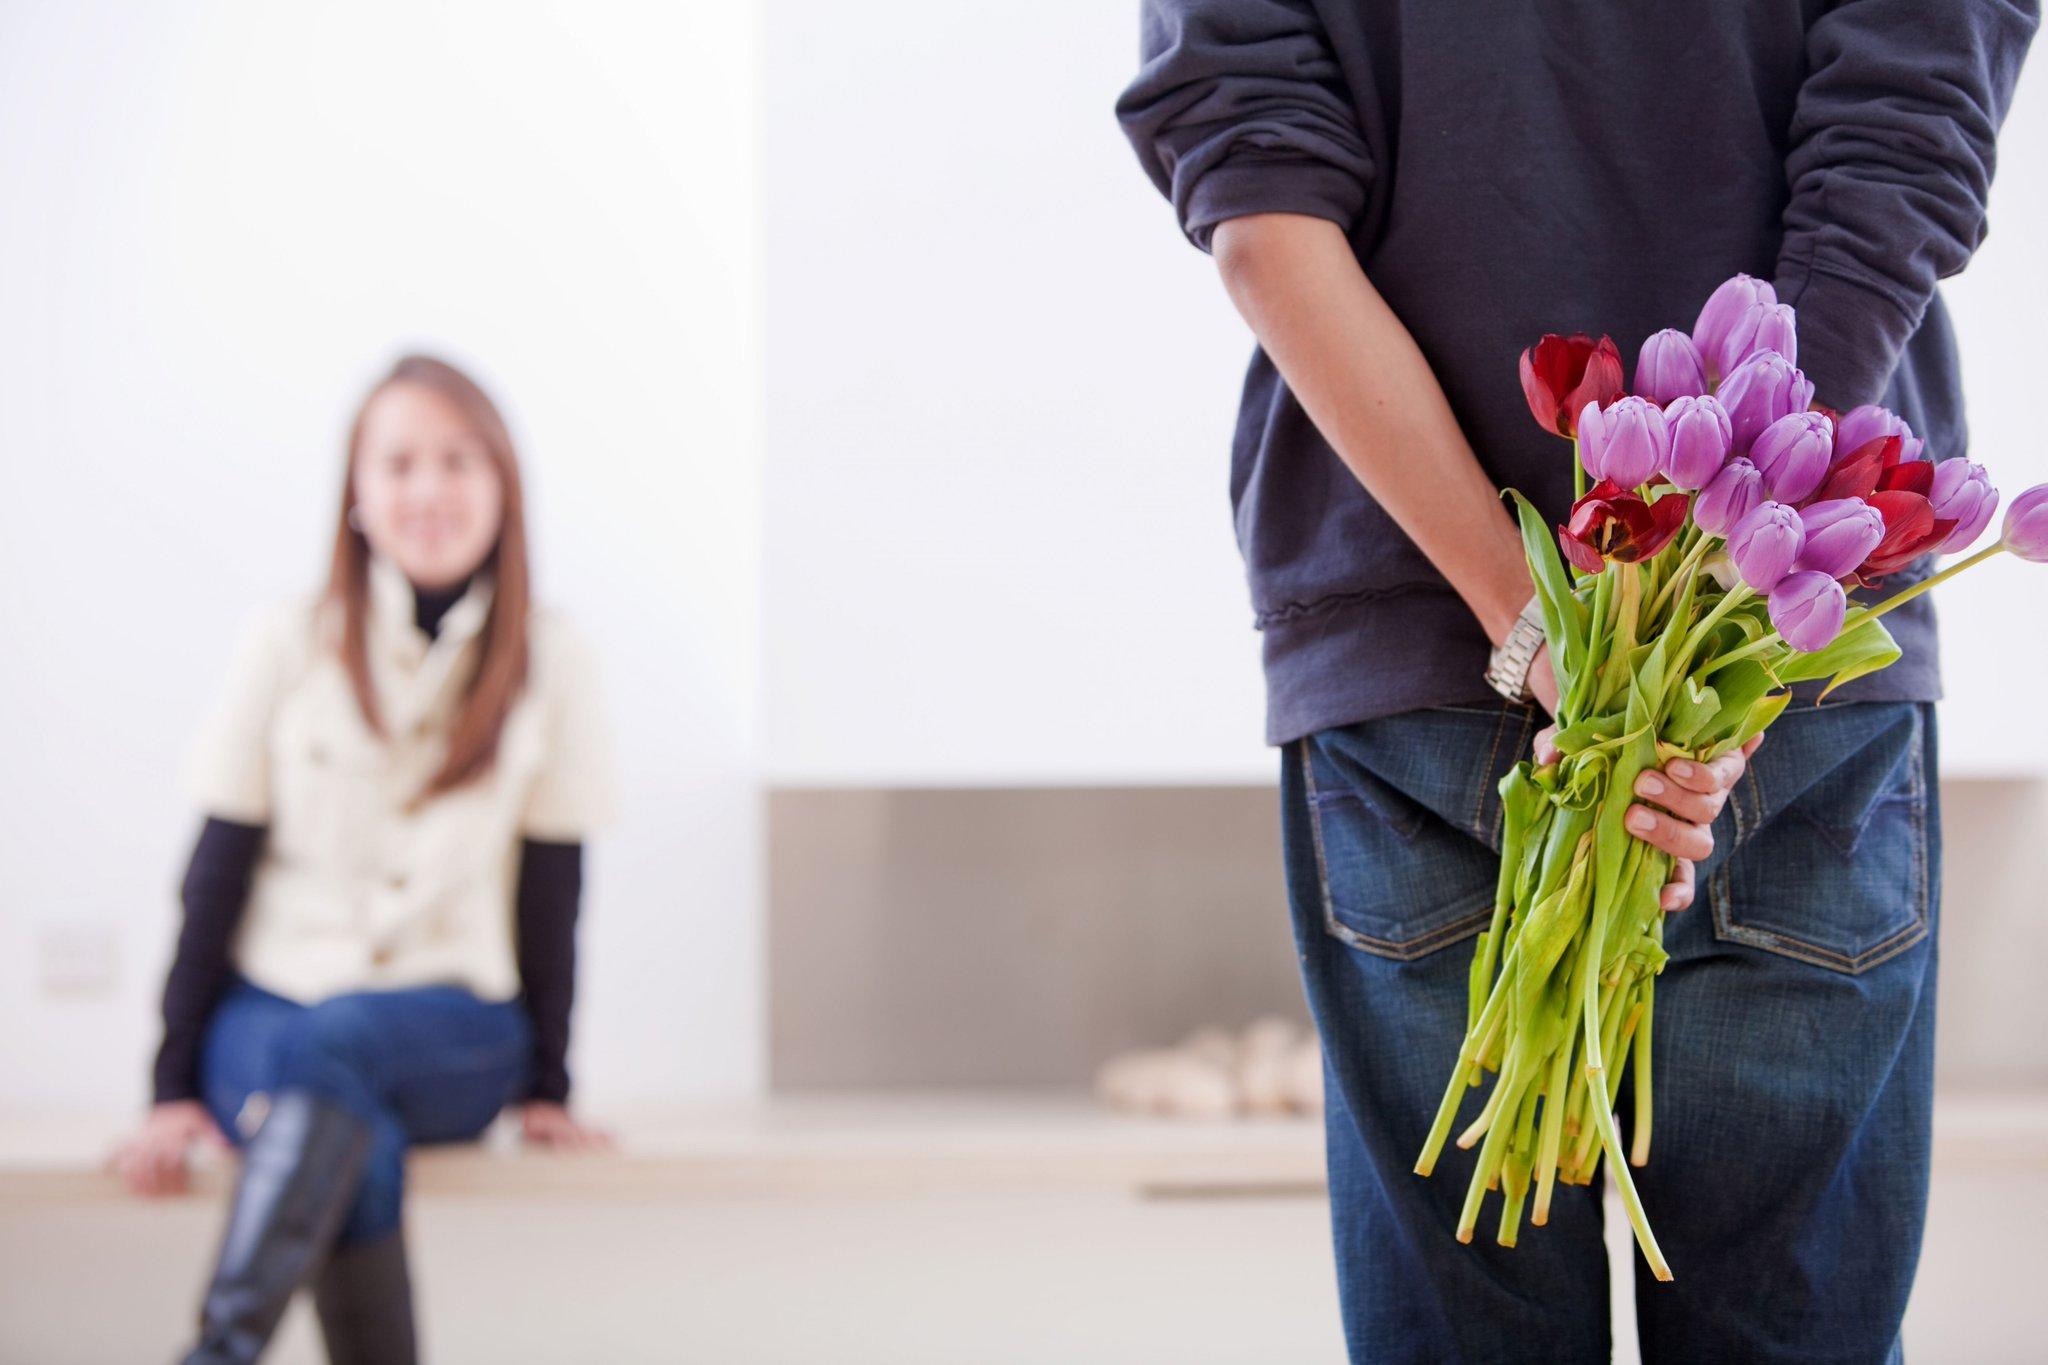 Какие цветы дарят на прощание девушке, цветы минск